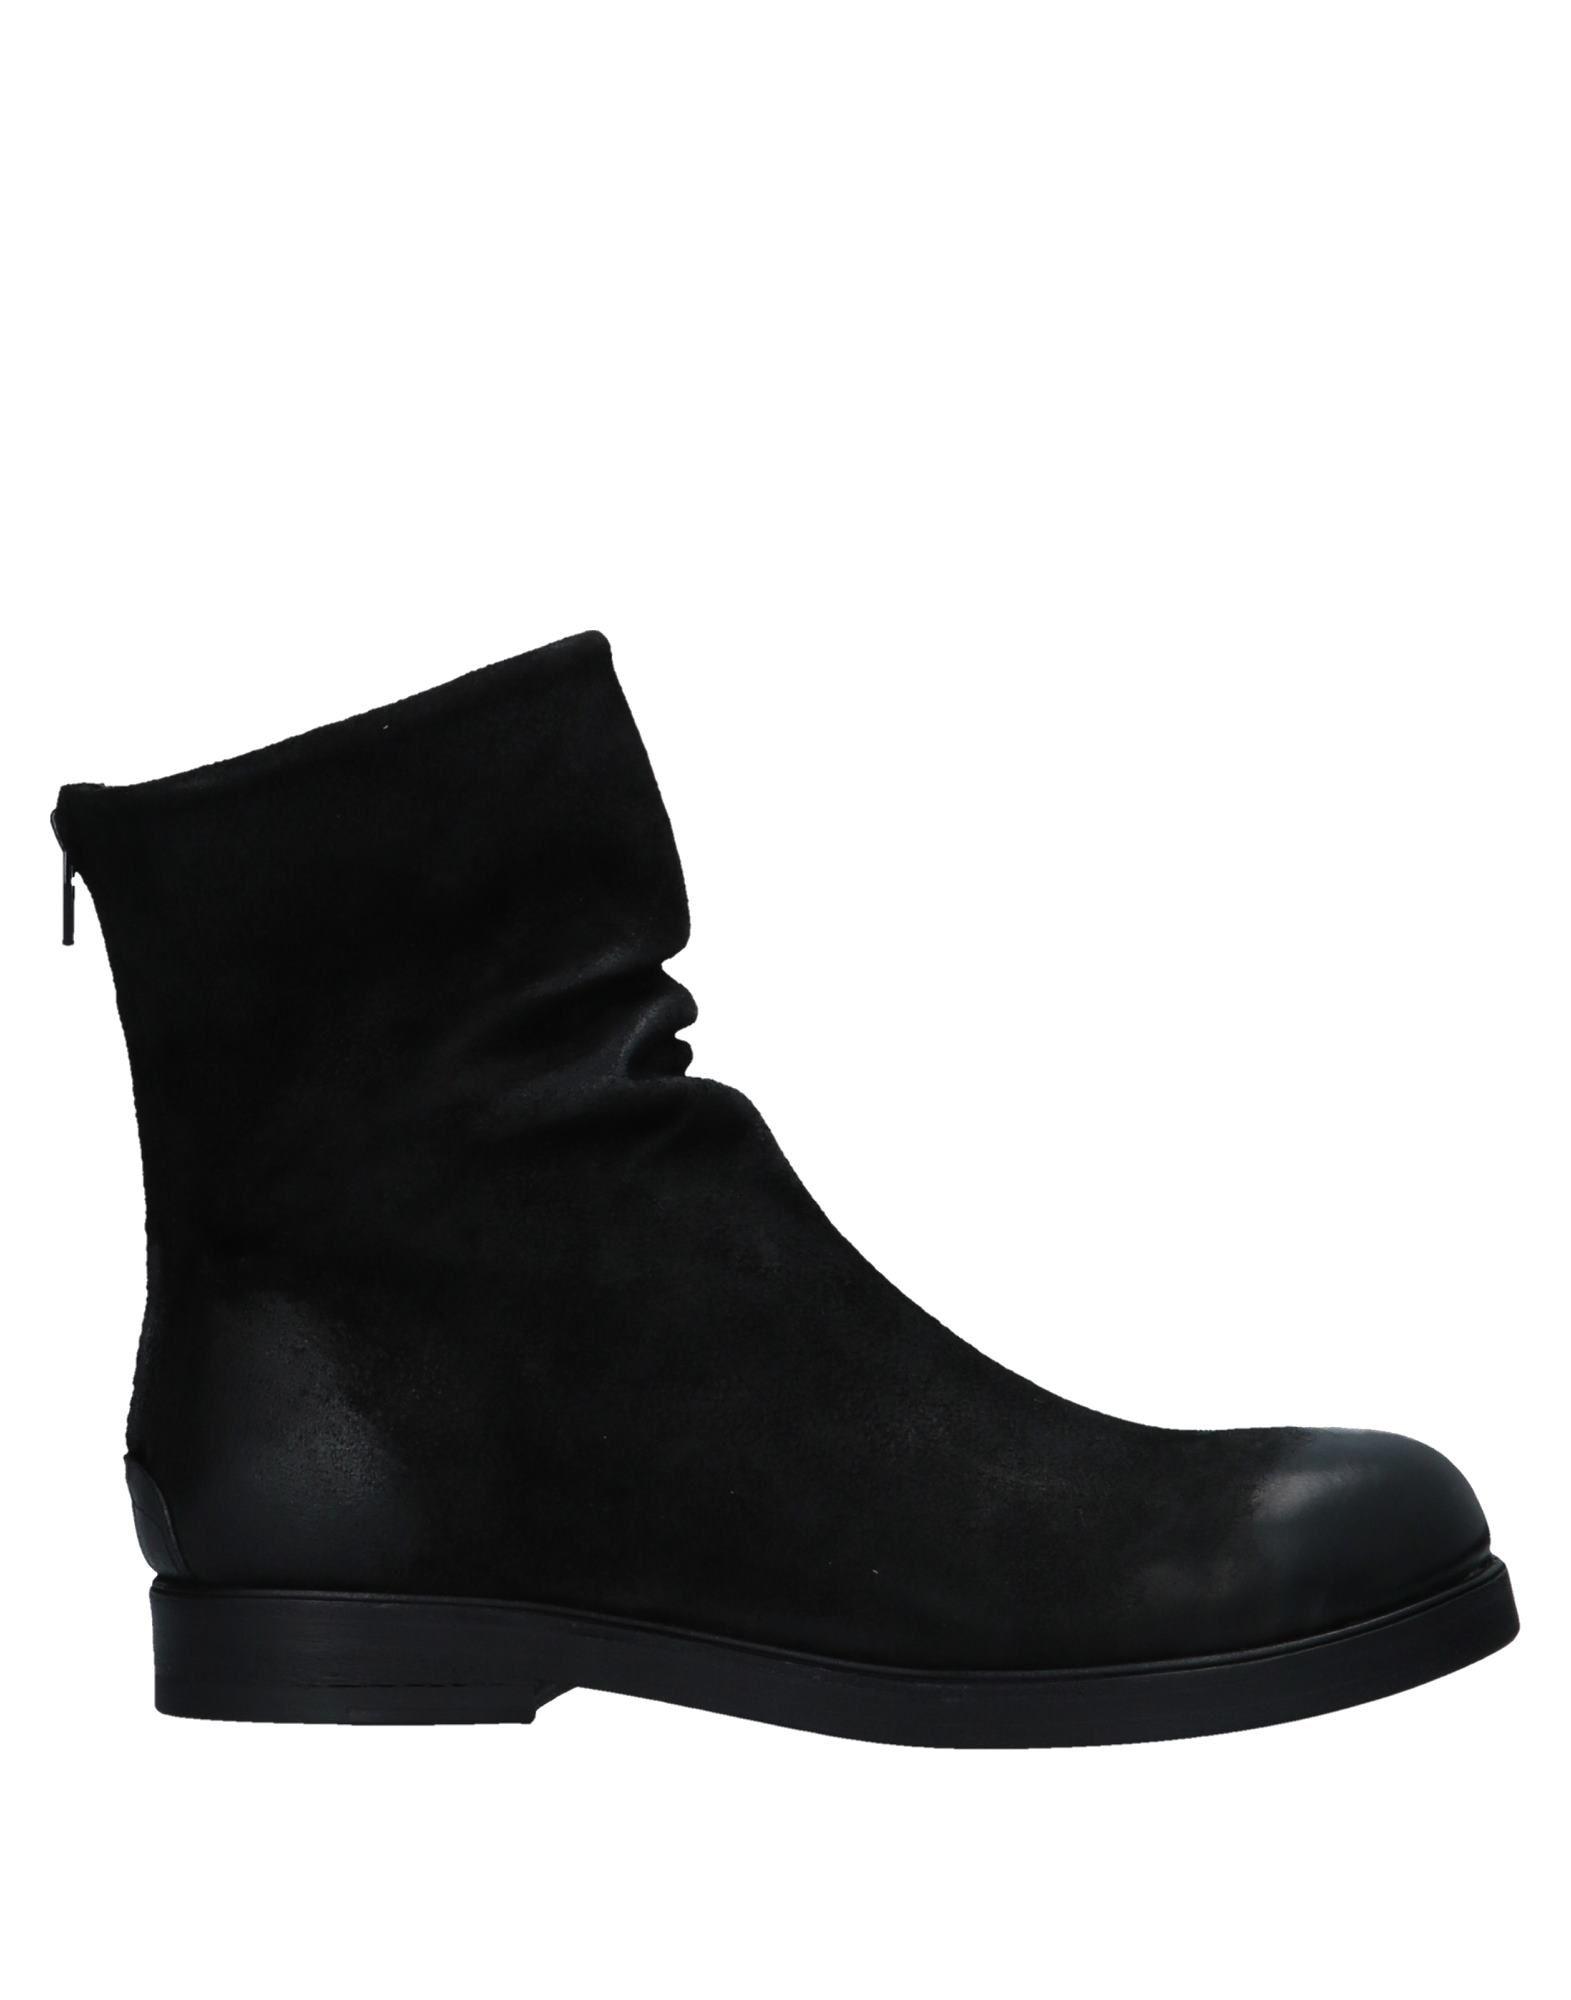 The Last Conspiracy Stiefelette Damen  11532406VRGut aussehende strapazierfähige Schuhe